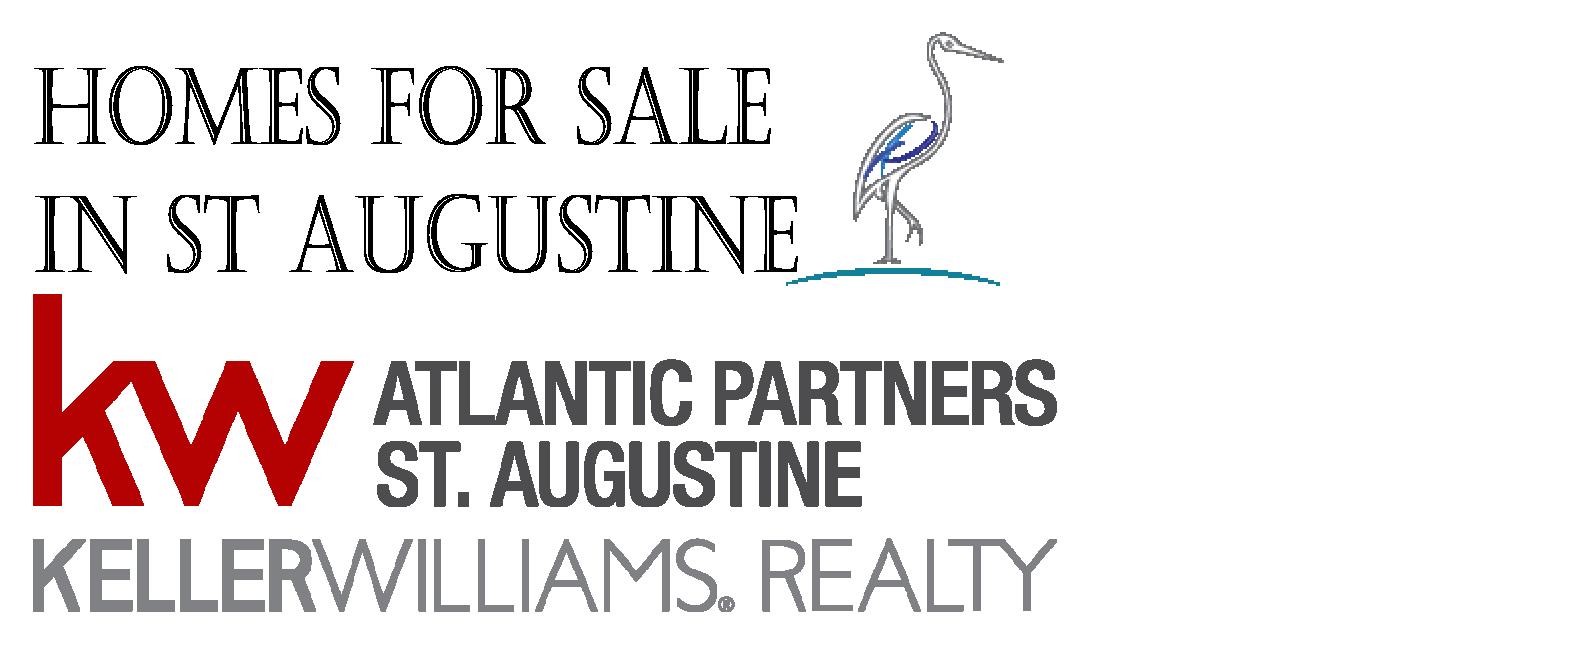 KELLER WILLIAMS – ATLANTIC PARTNERS  –   904-295-5391